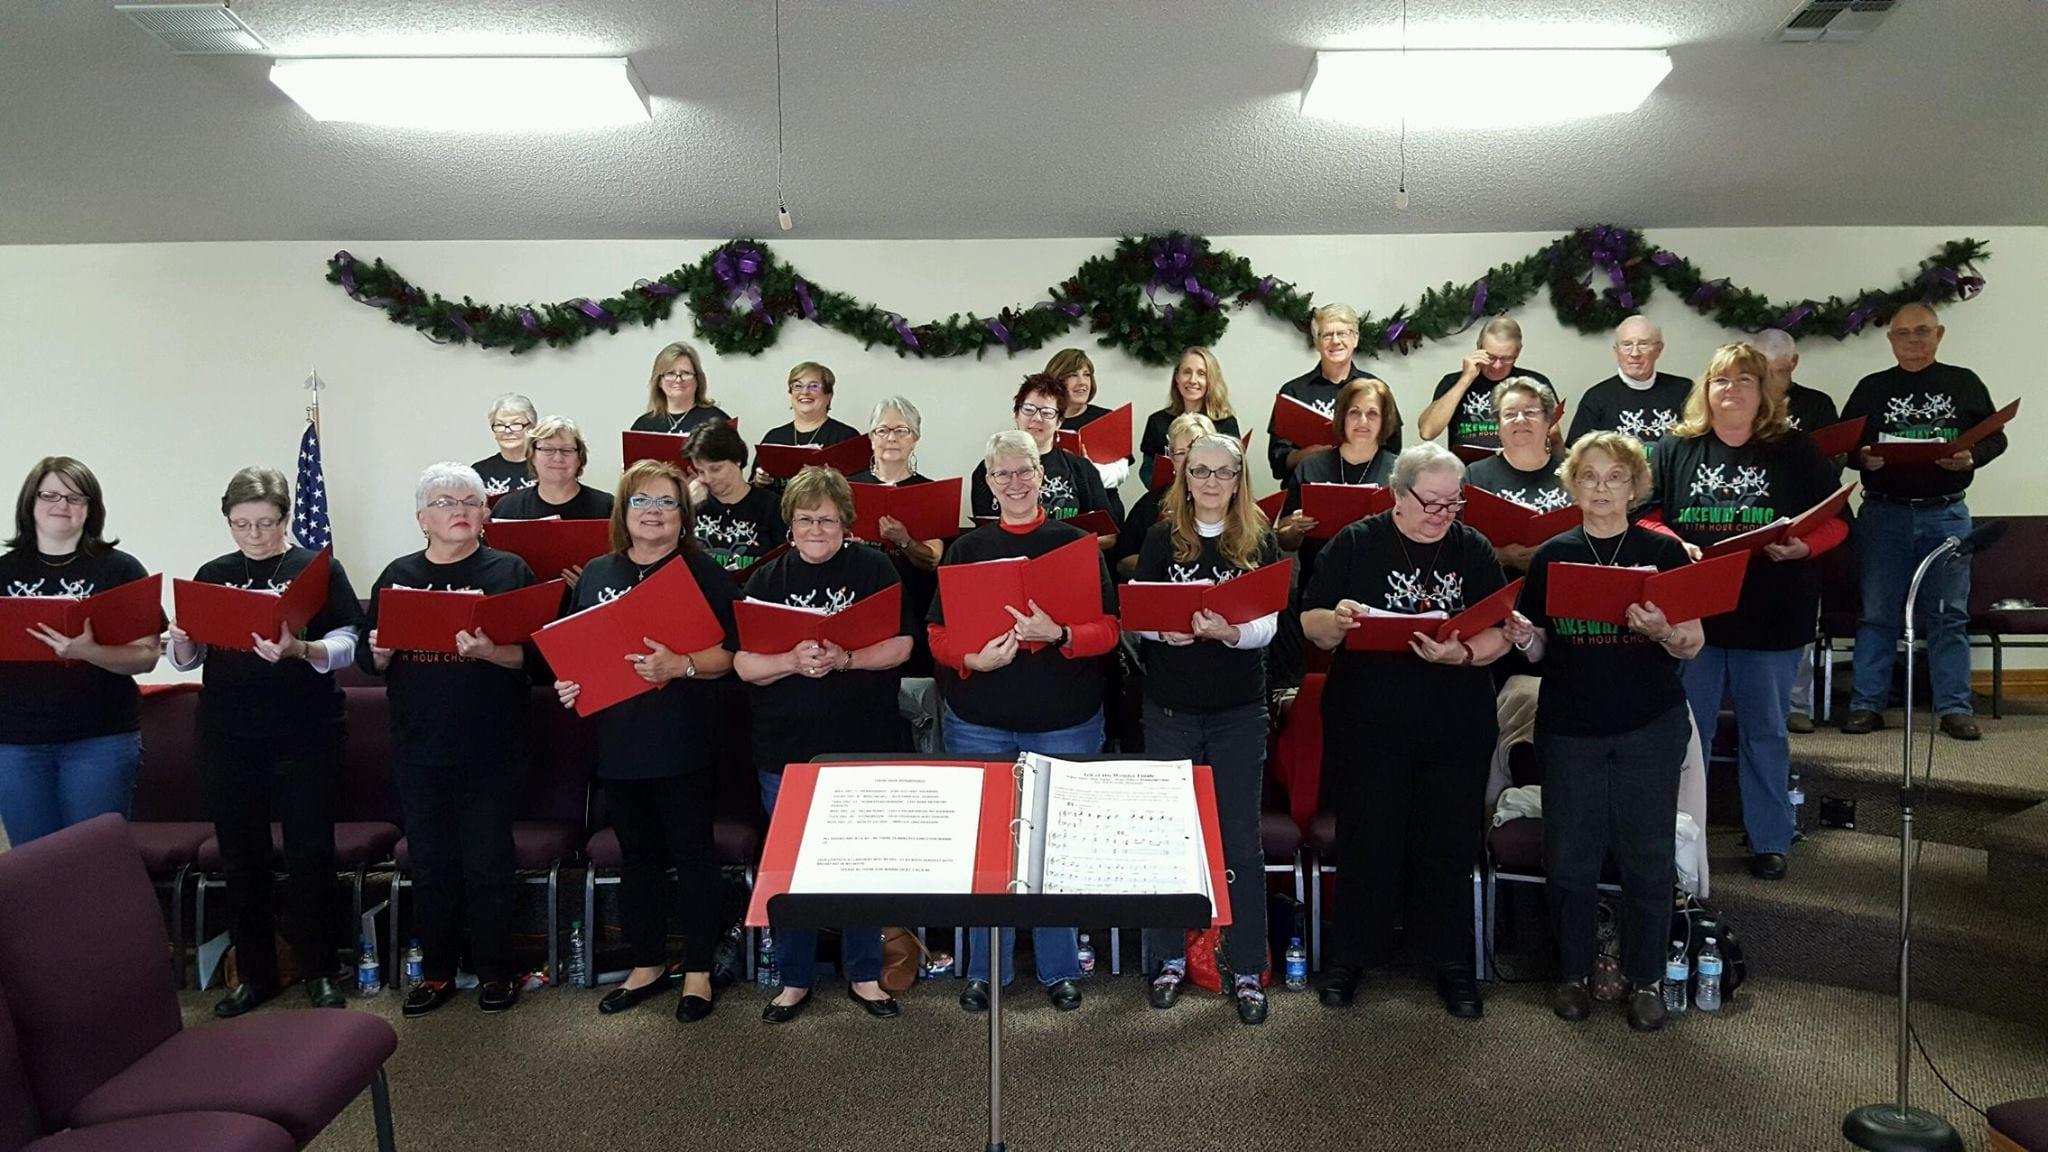 Lakeway UMC Christmas Choir